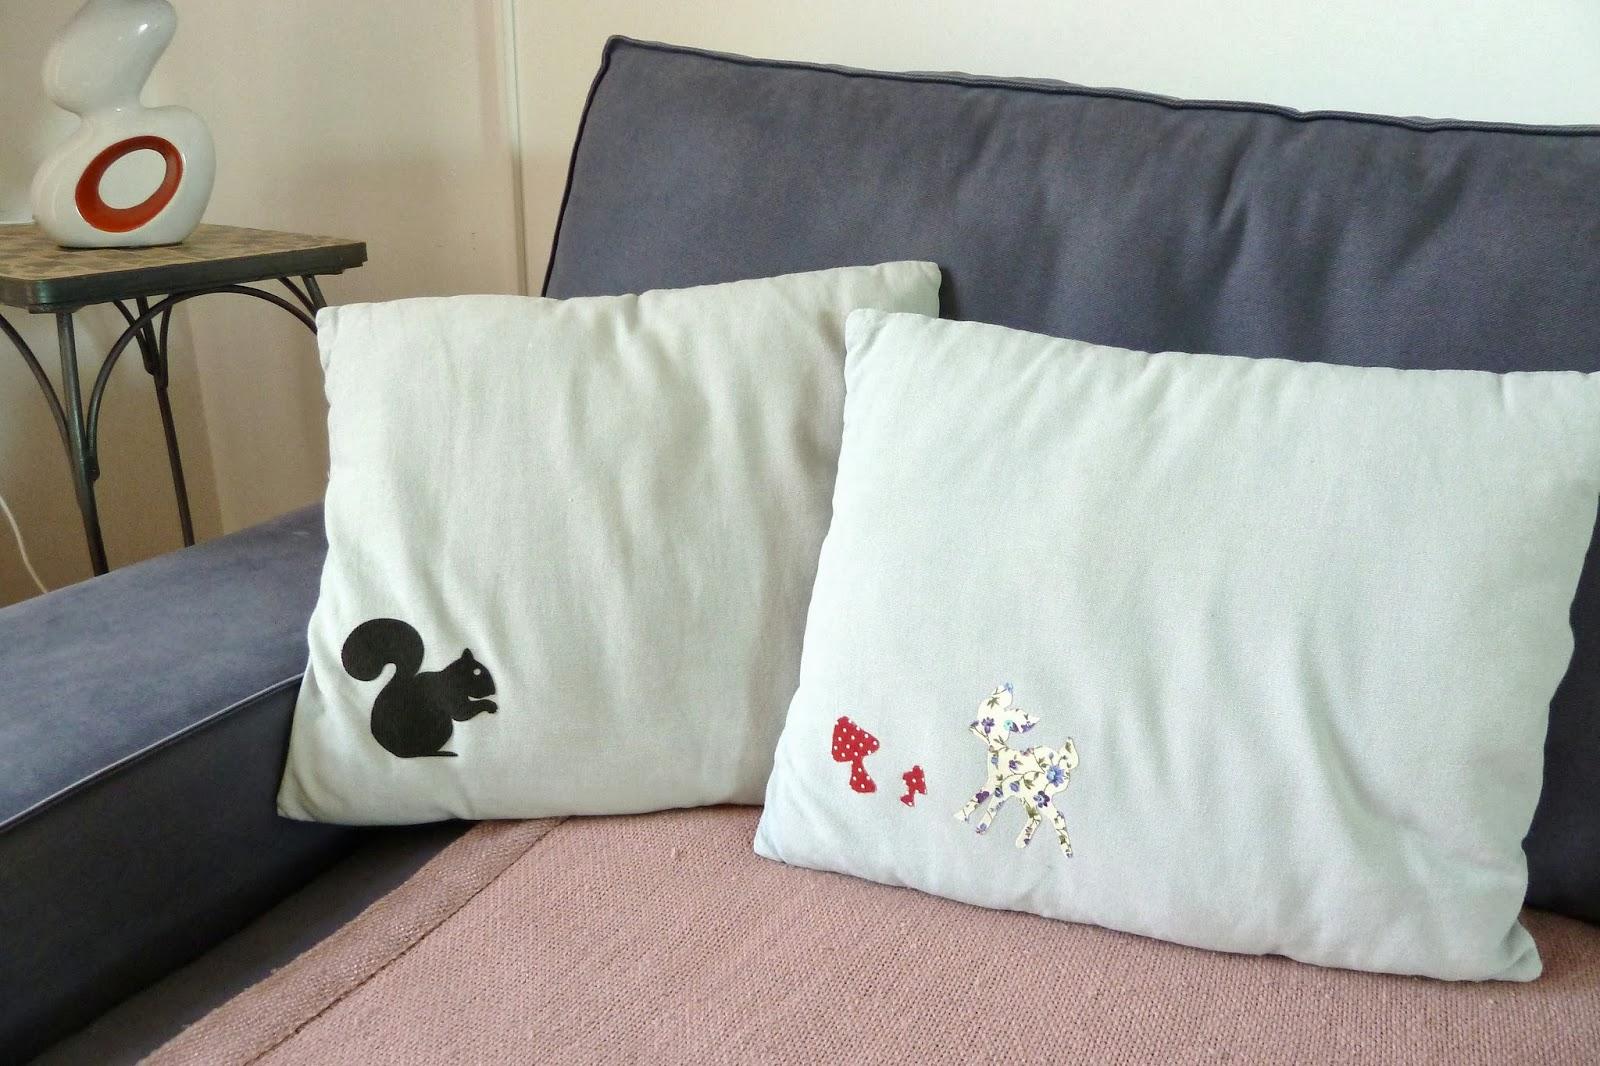 coussins en s rie le bazar d 39 anne charlotte. Black Bedroom Furniture Sets. Home Design Ideas